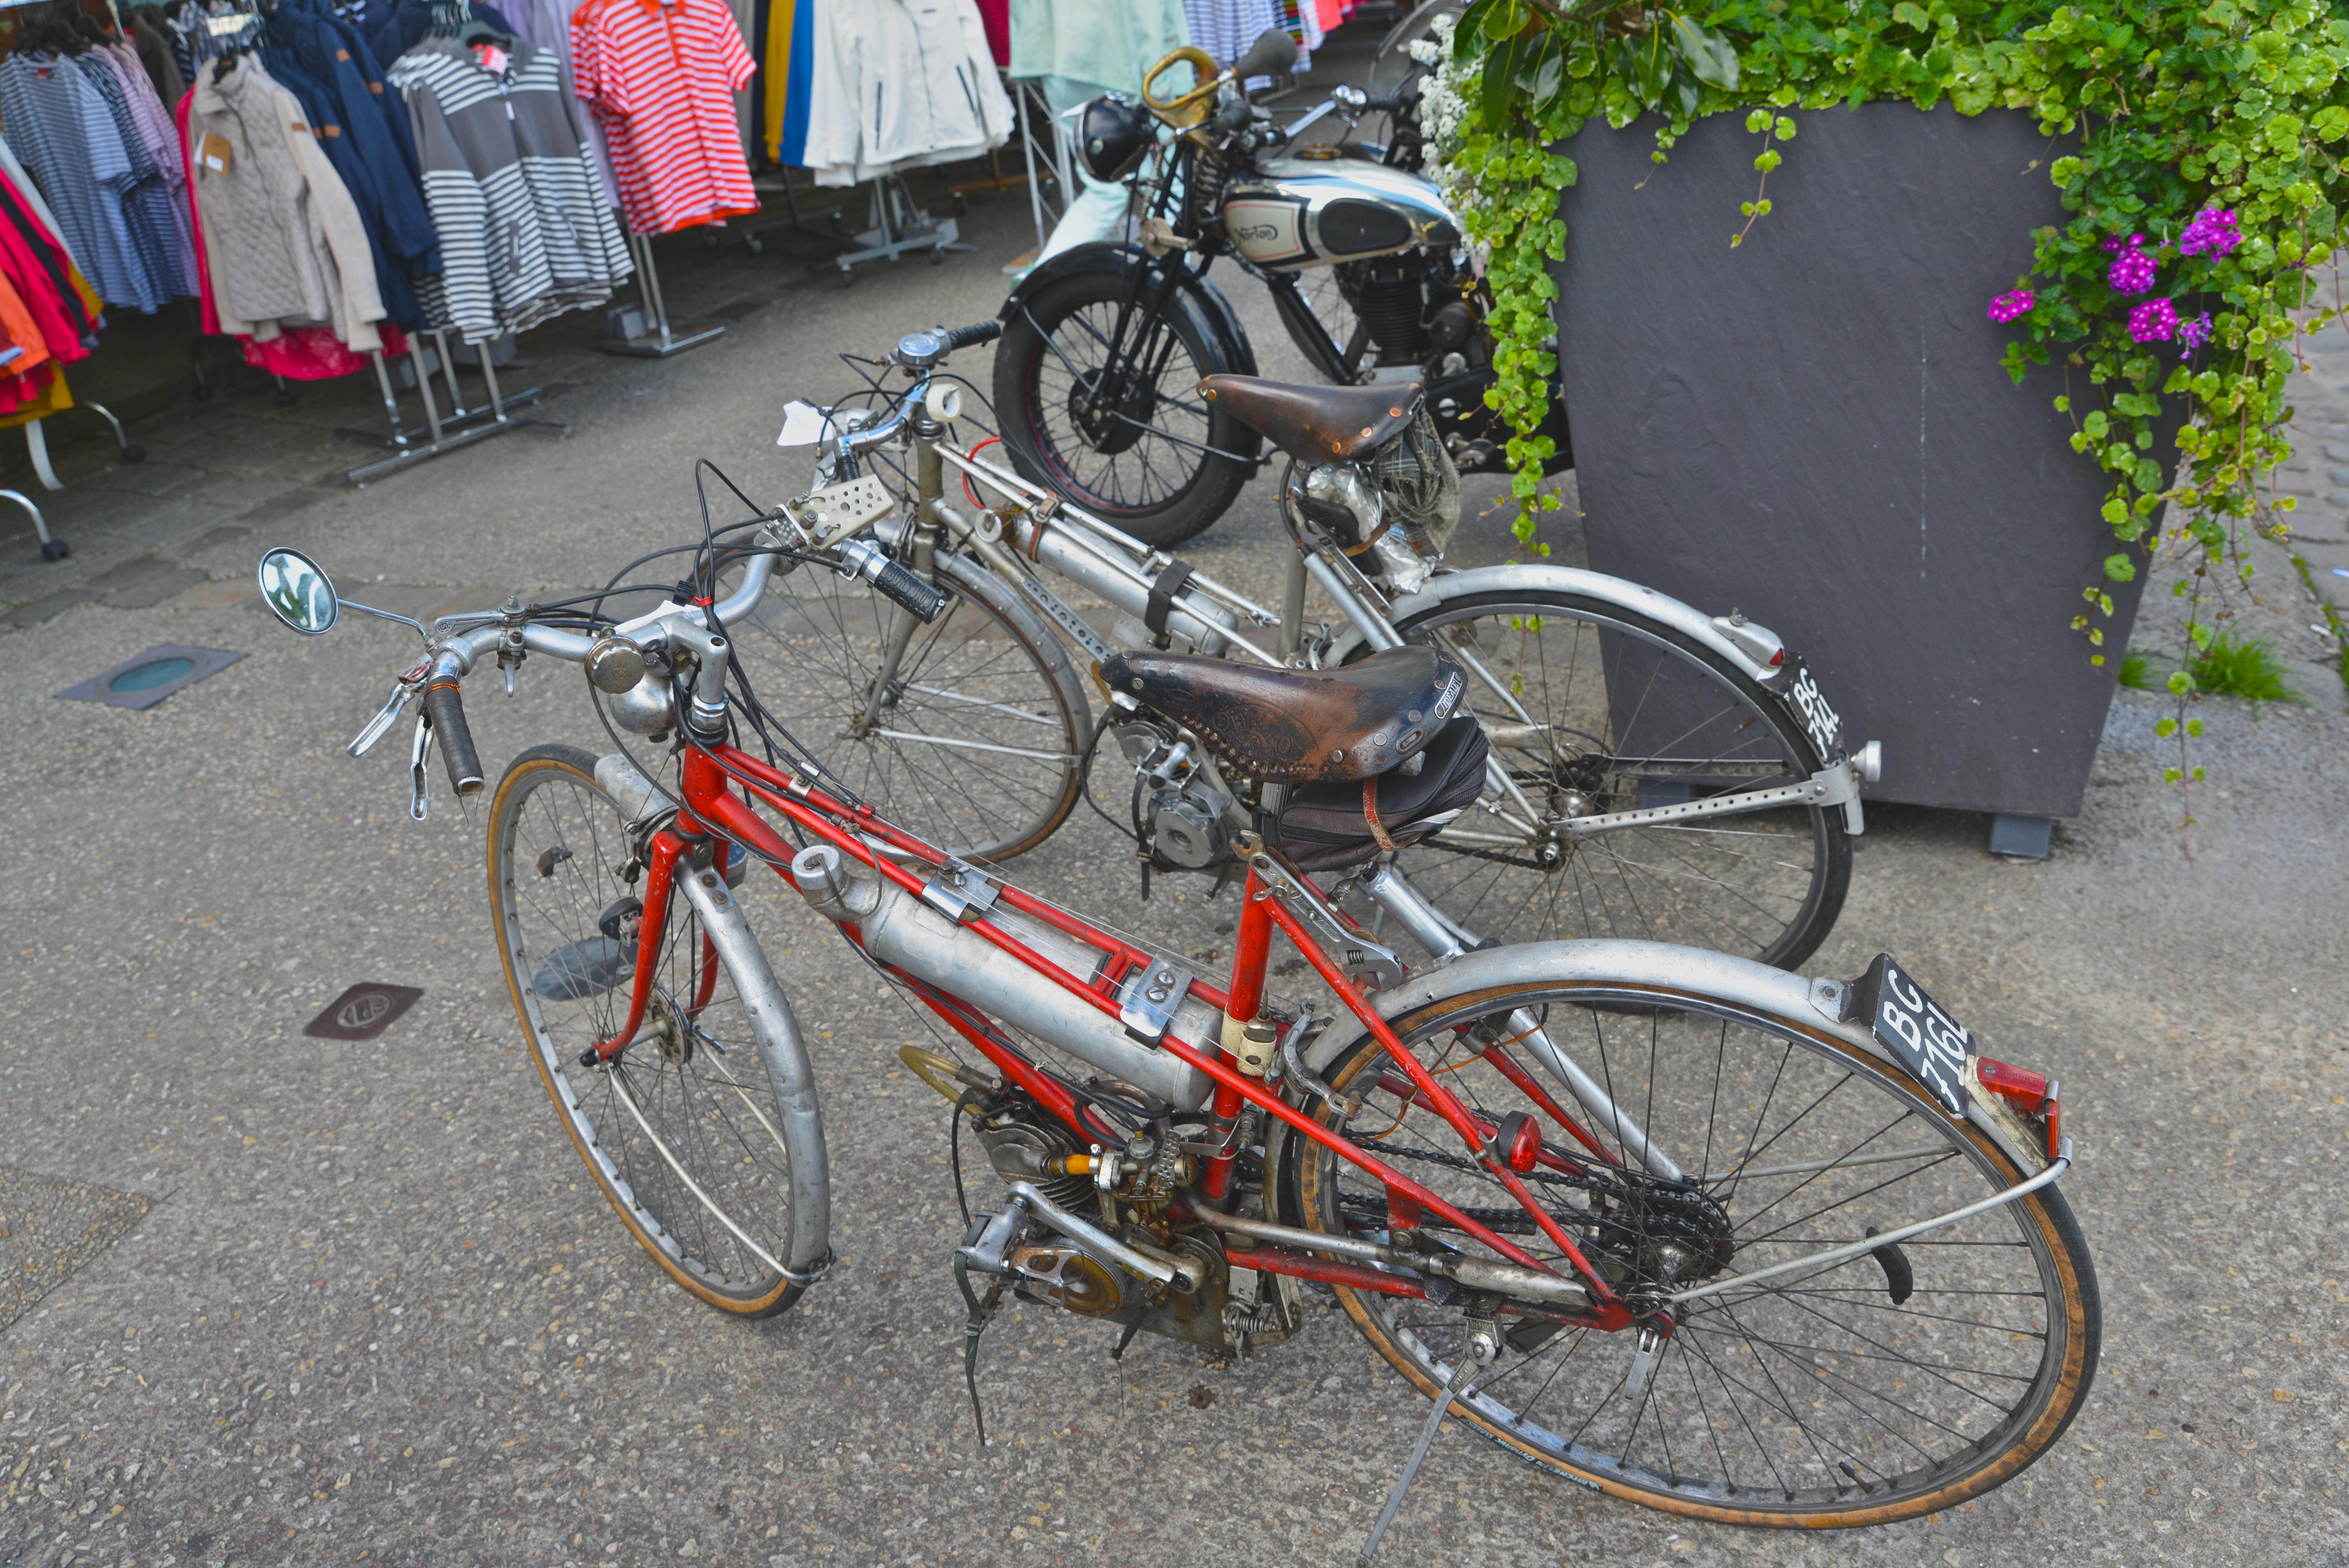 Ducati n'a pas toujours fait des belles motos rouges !!! 7bJnIU